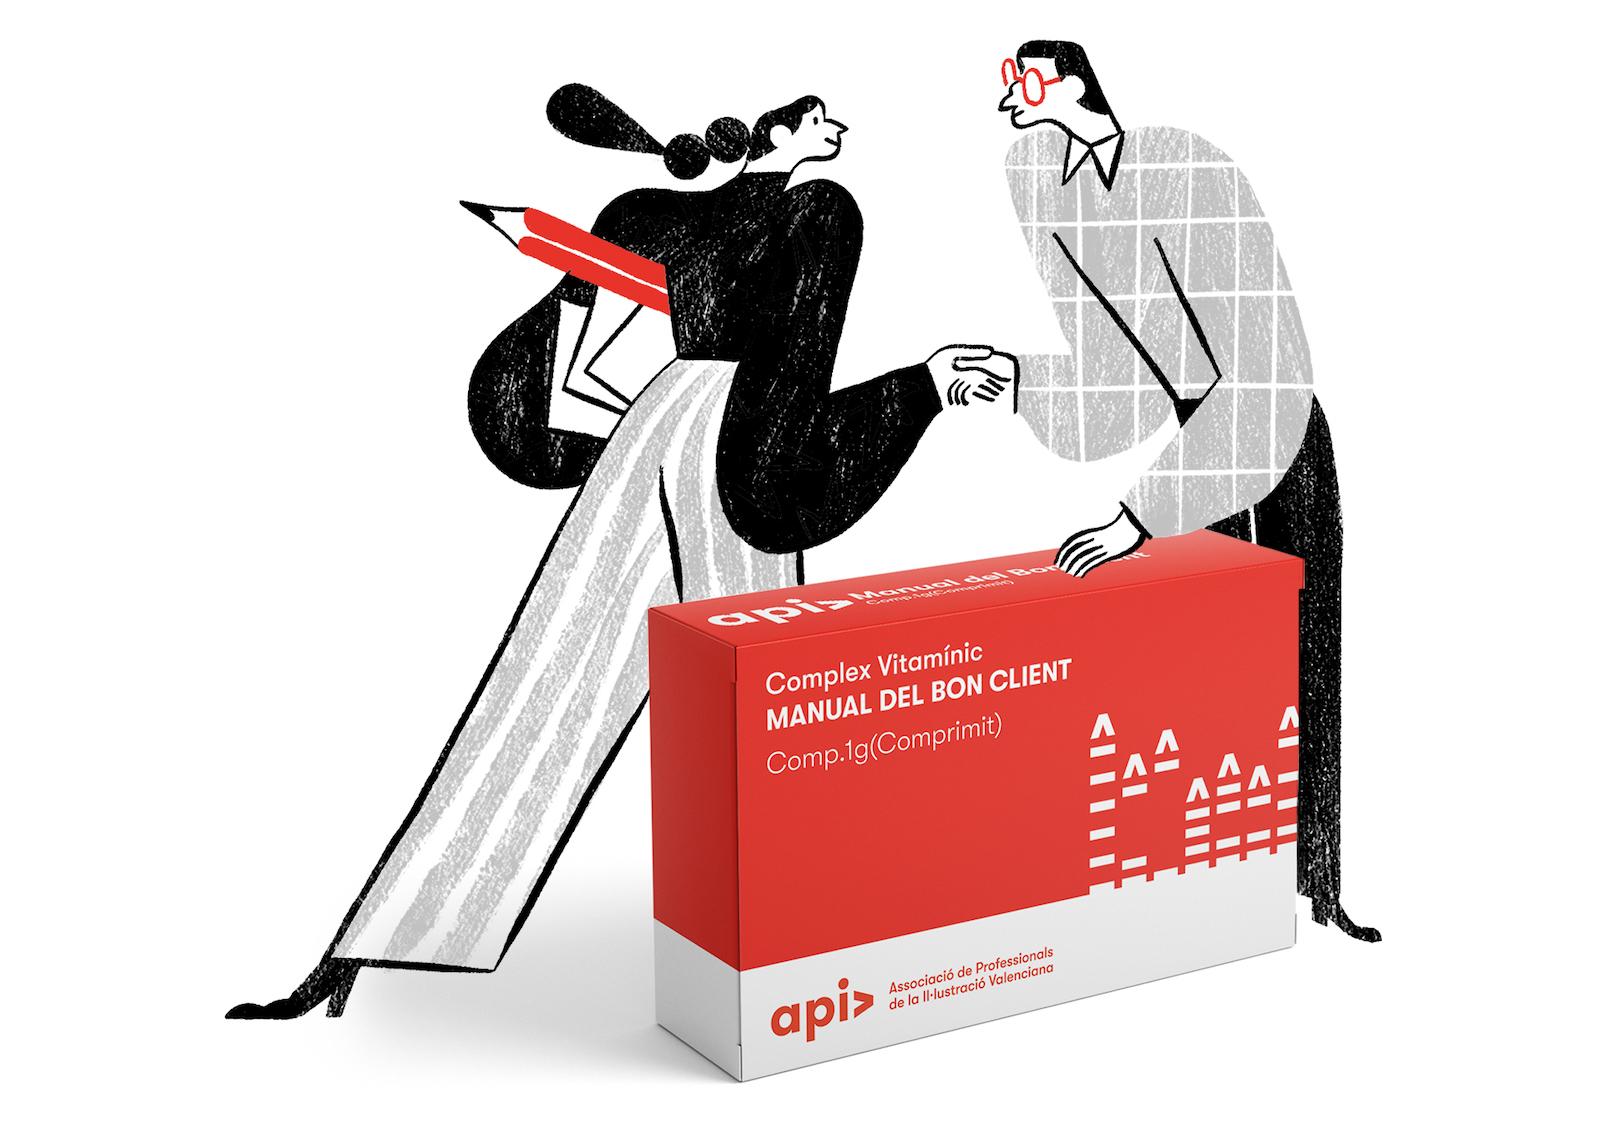 La APIV receta un Manual del Buen Cliente